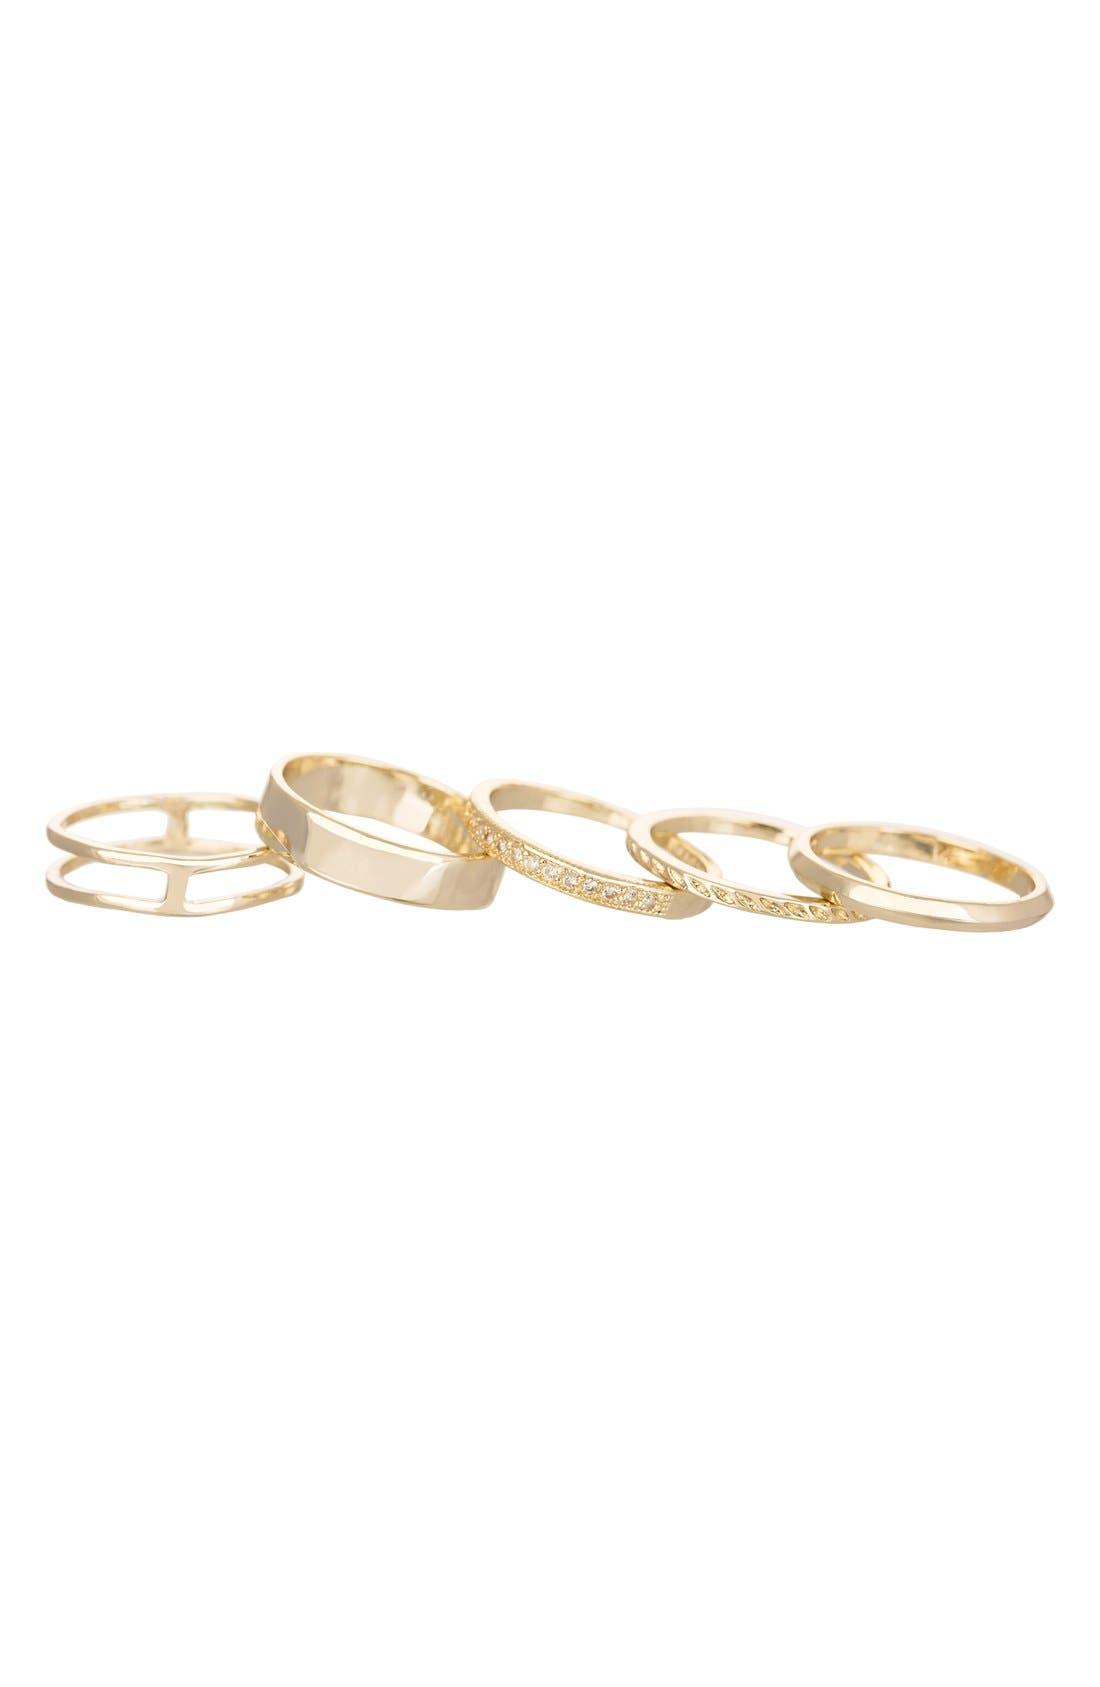 Main Image - Kendra Scott 'Kara' Stackable Midi Rings (Set of 5)